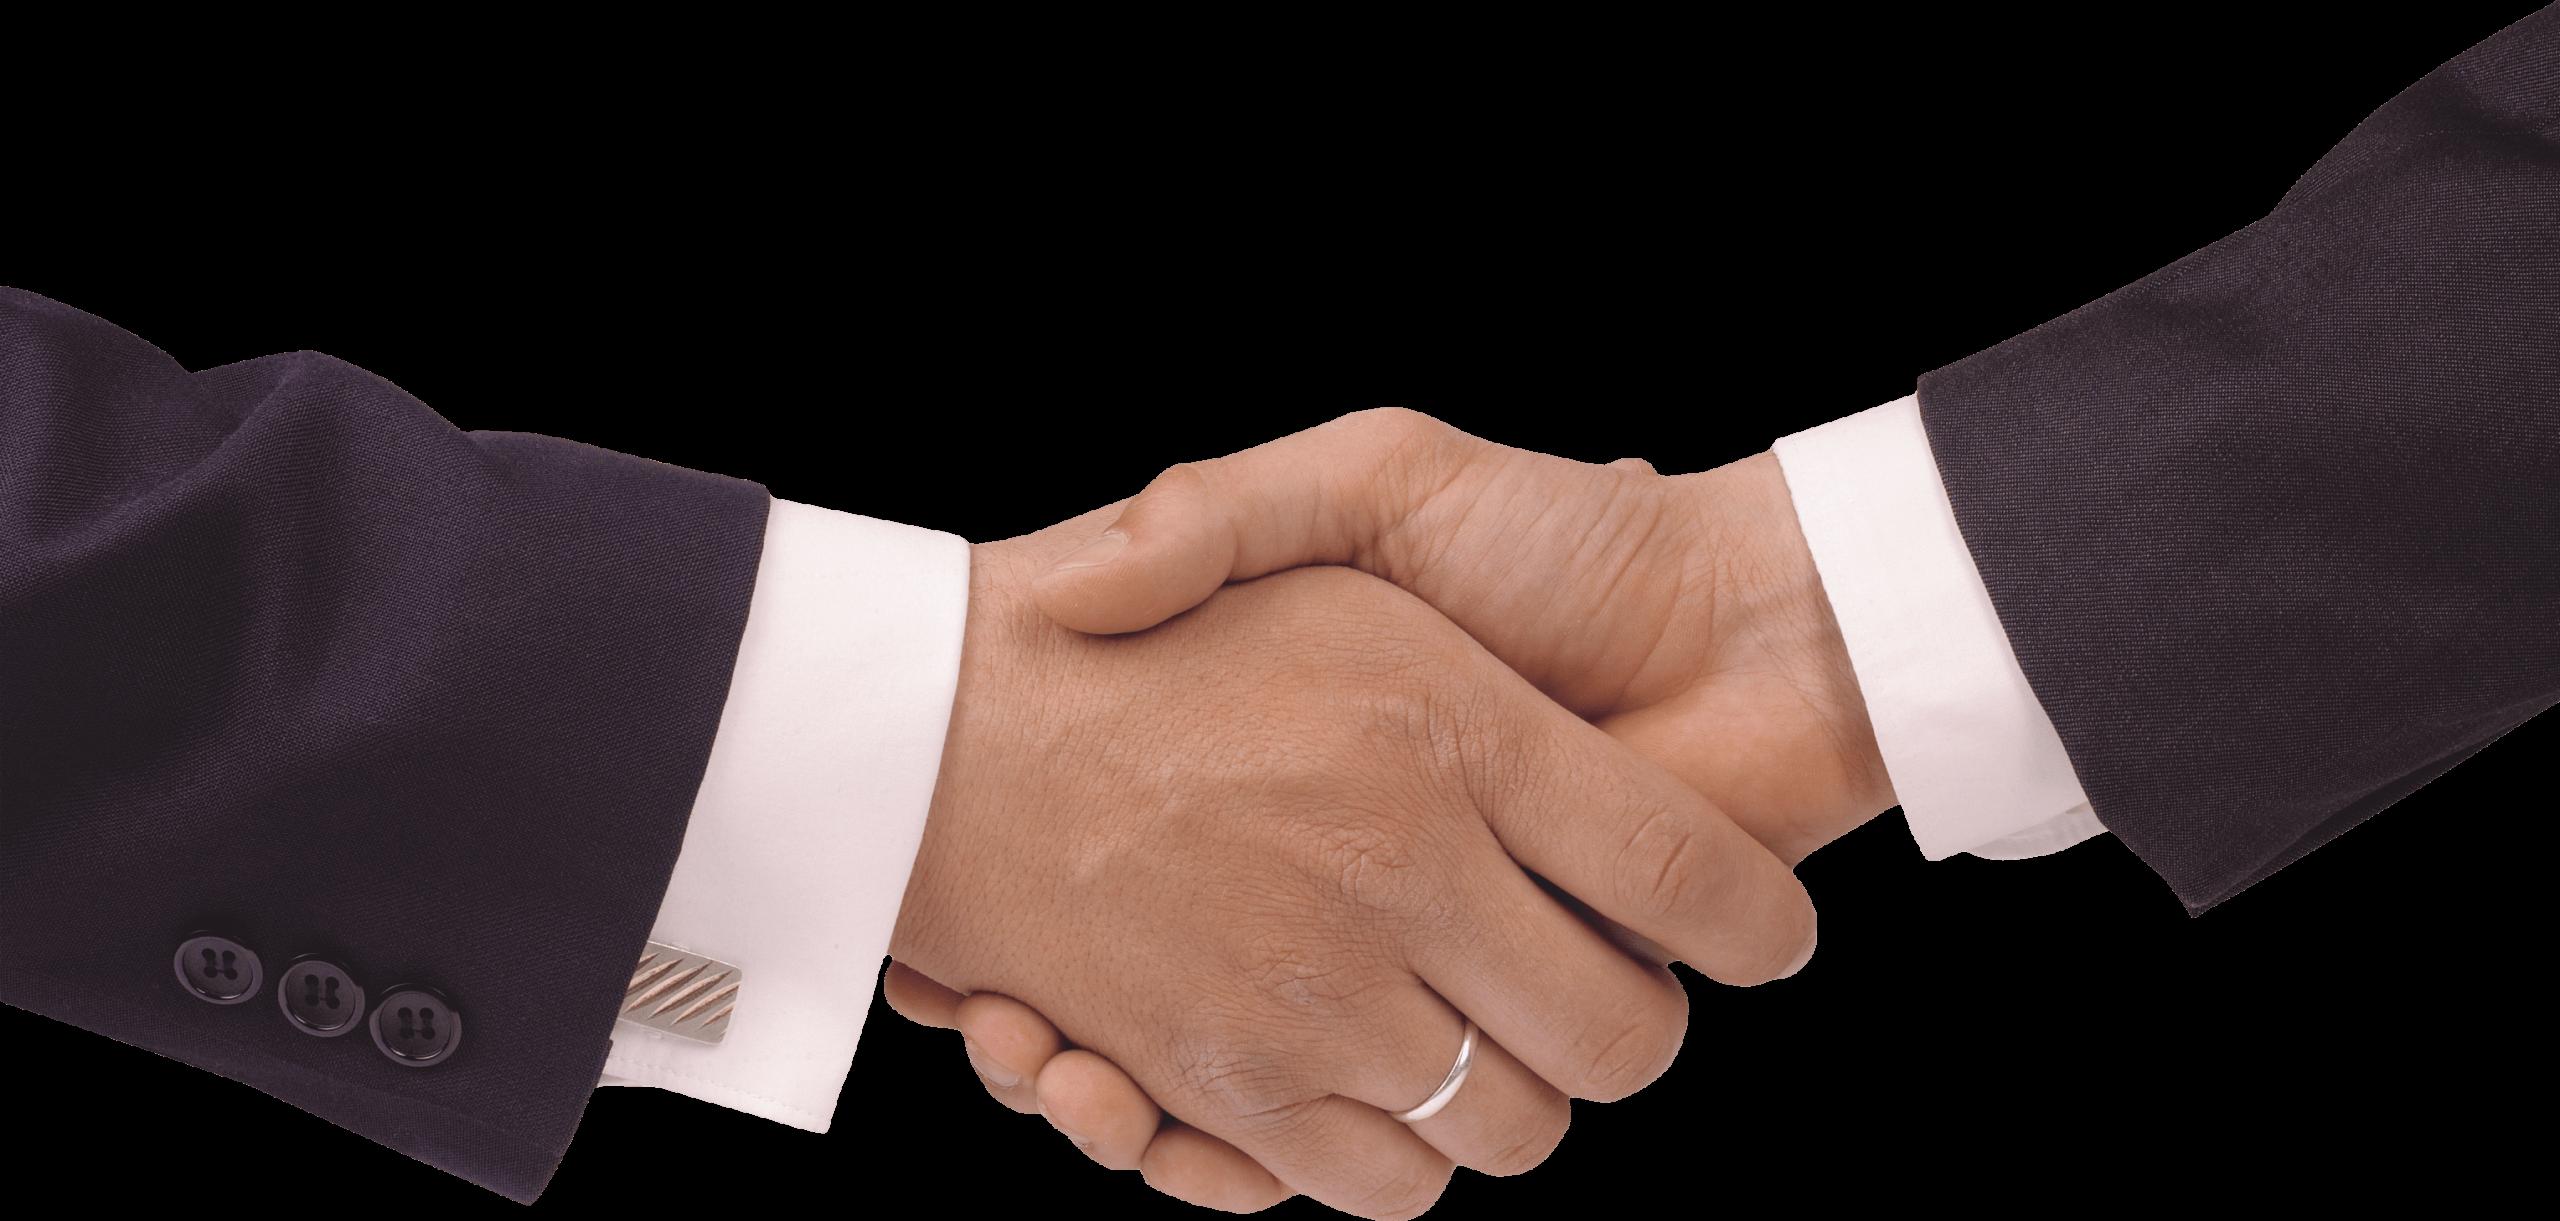 41-handshake-png-hands-image-download